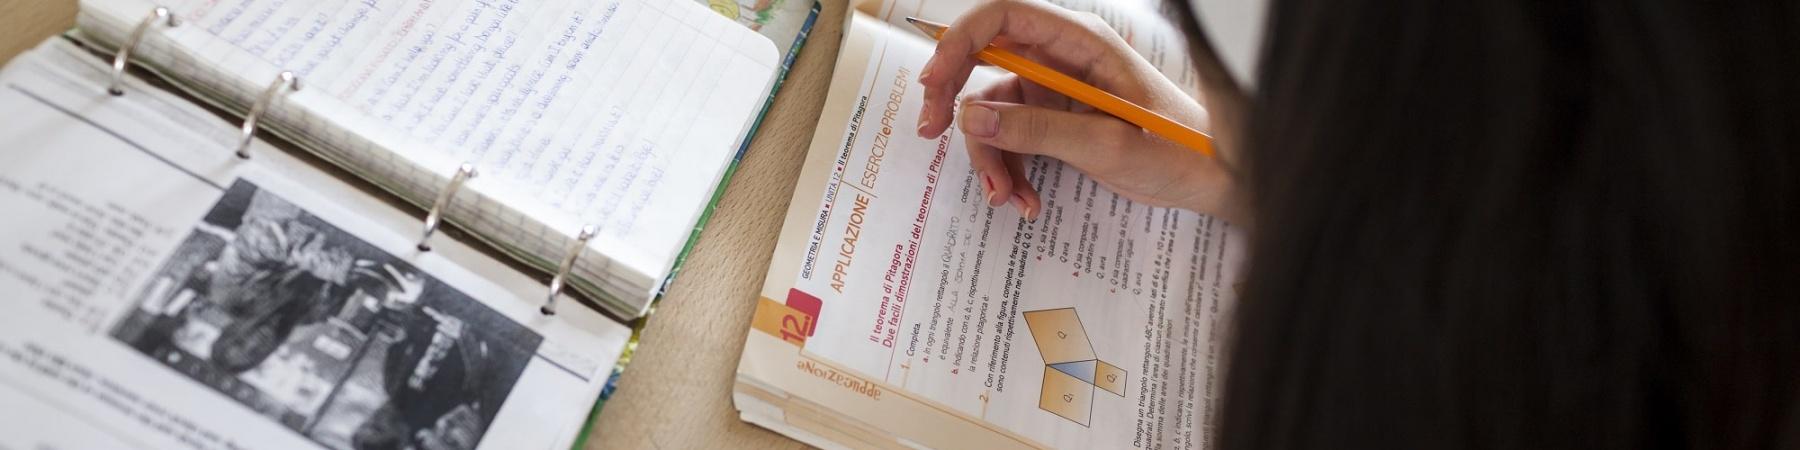 bambina che studia seduta alla scrivania